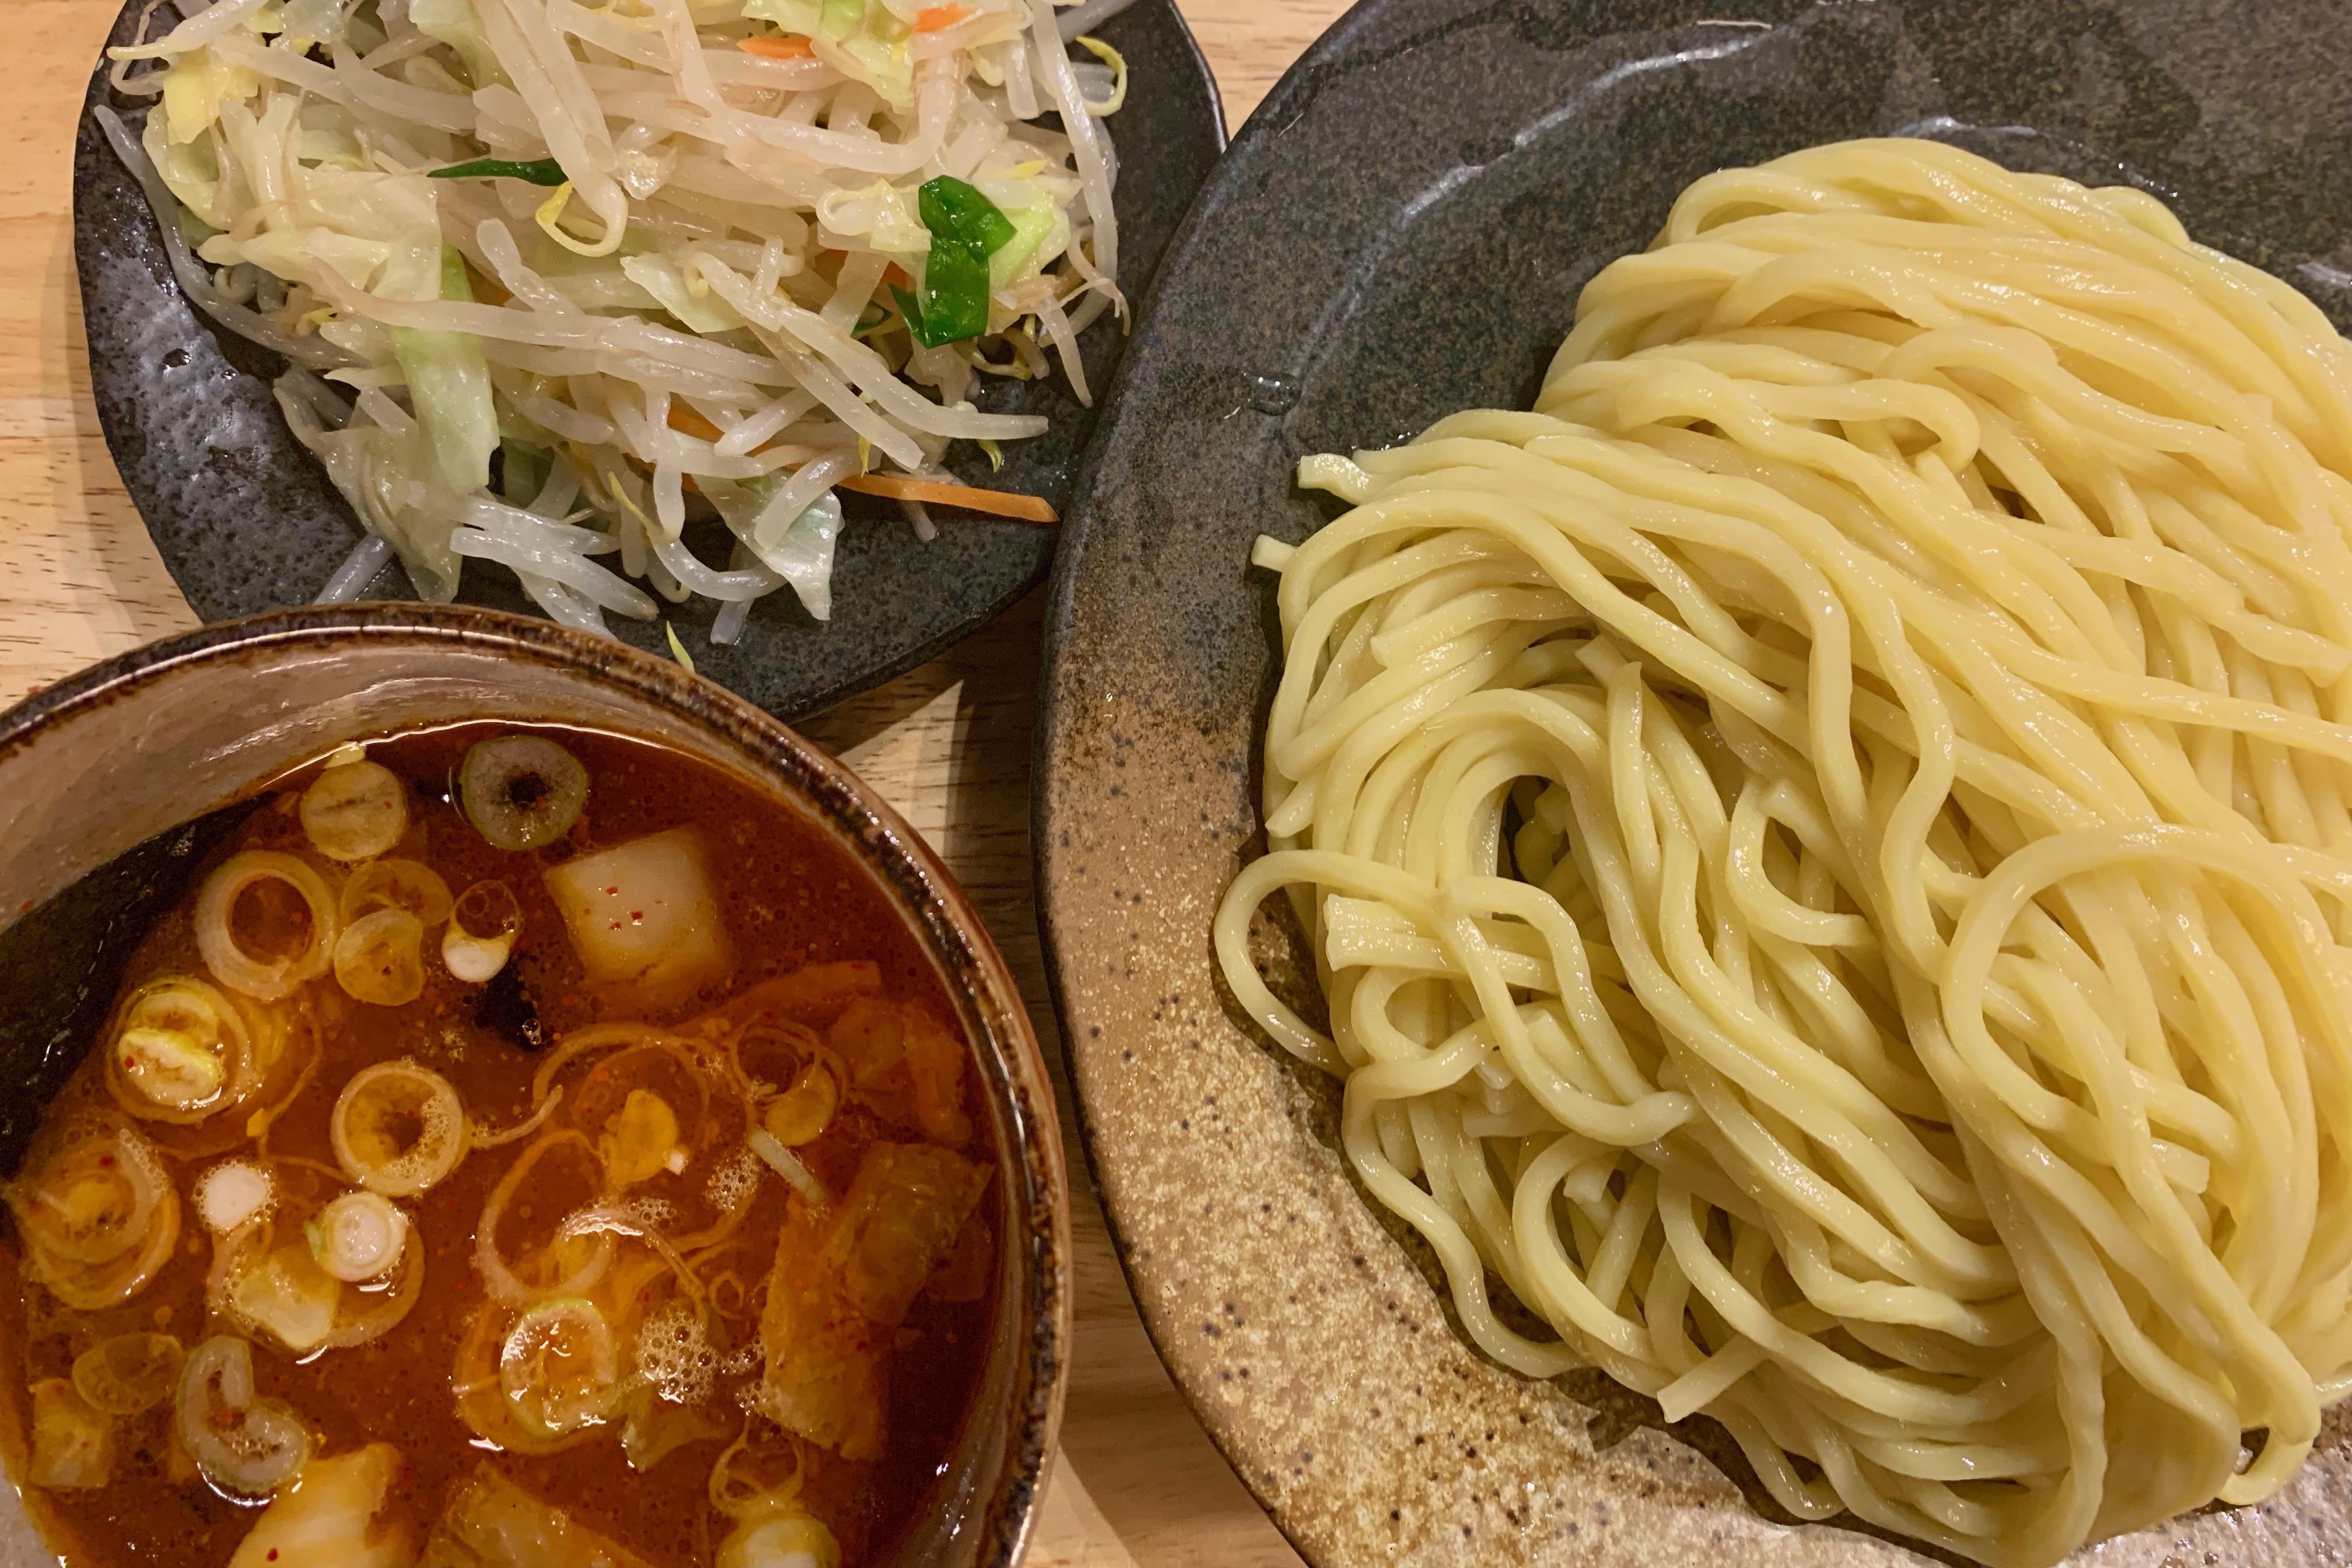 つけ麺屋やすべえ・渋谷店の野菜つけ麺